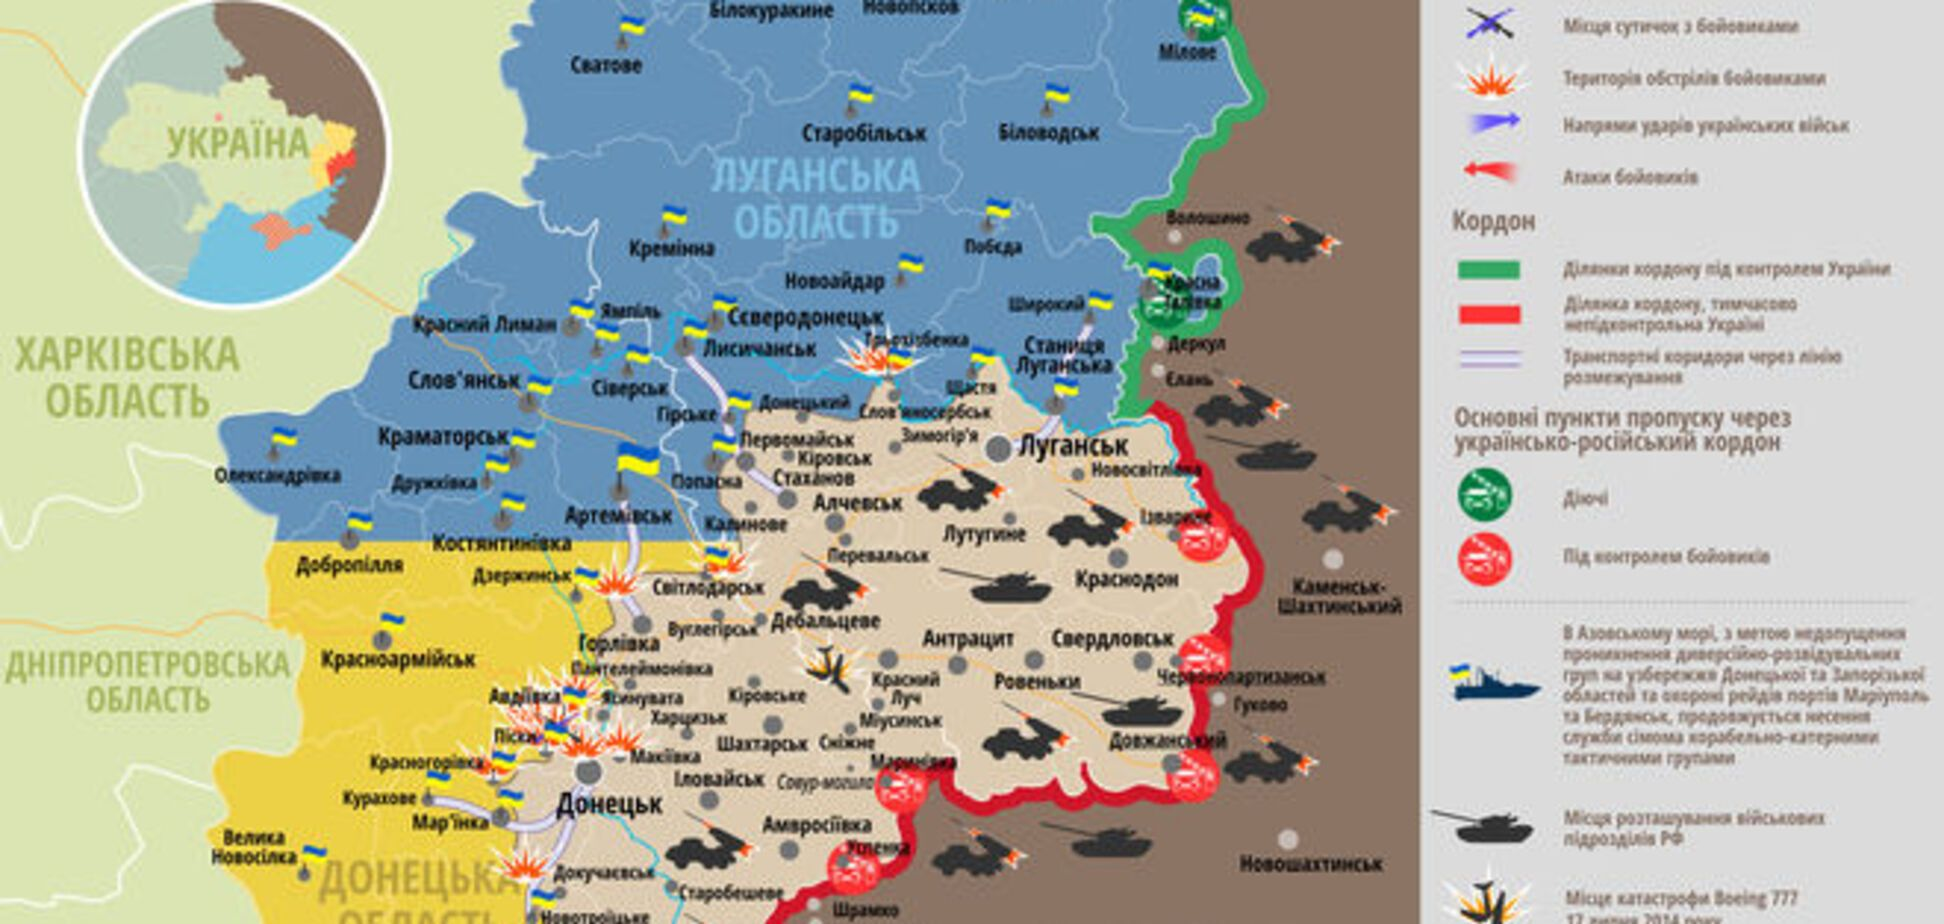 Полторак заявил о соблюдении 'тишины' на Донбассе. Тымчук – наоборот: карта АТО